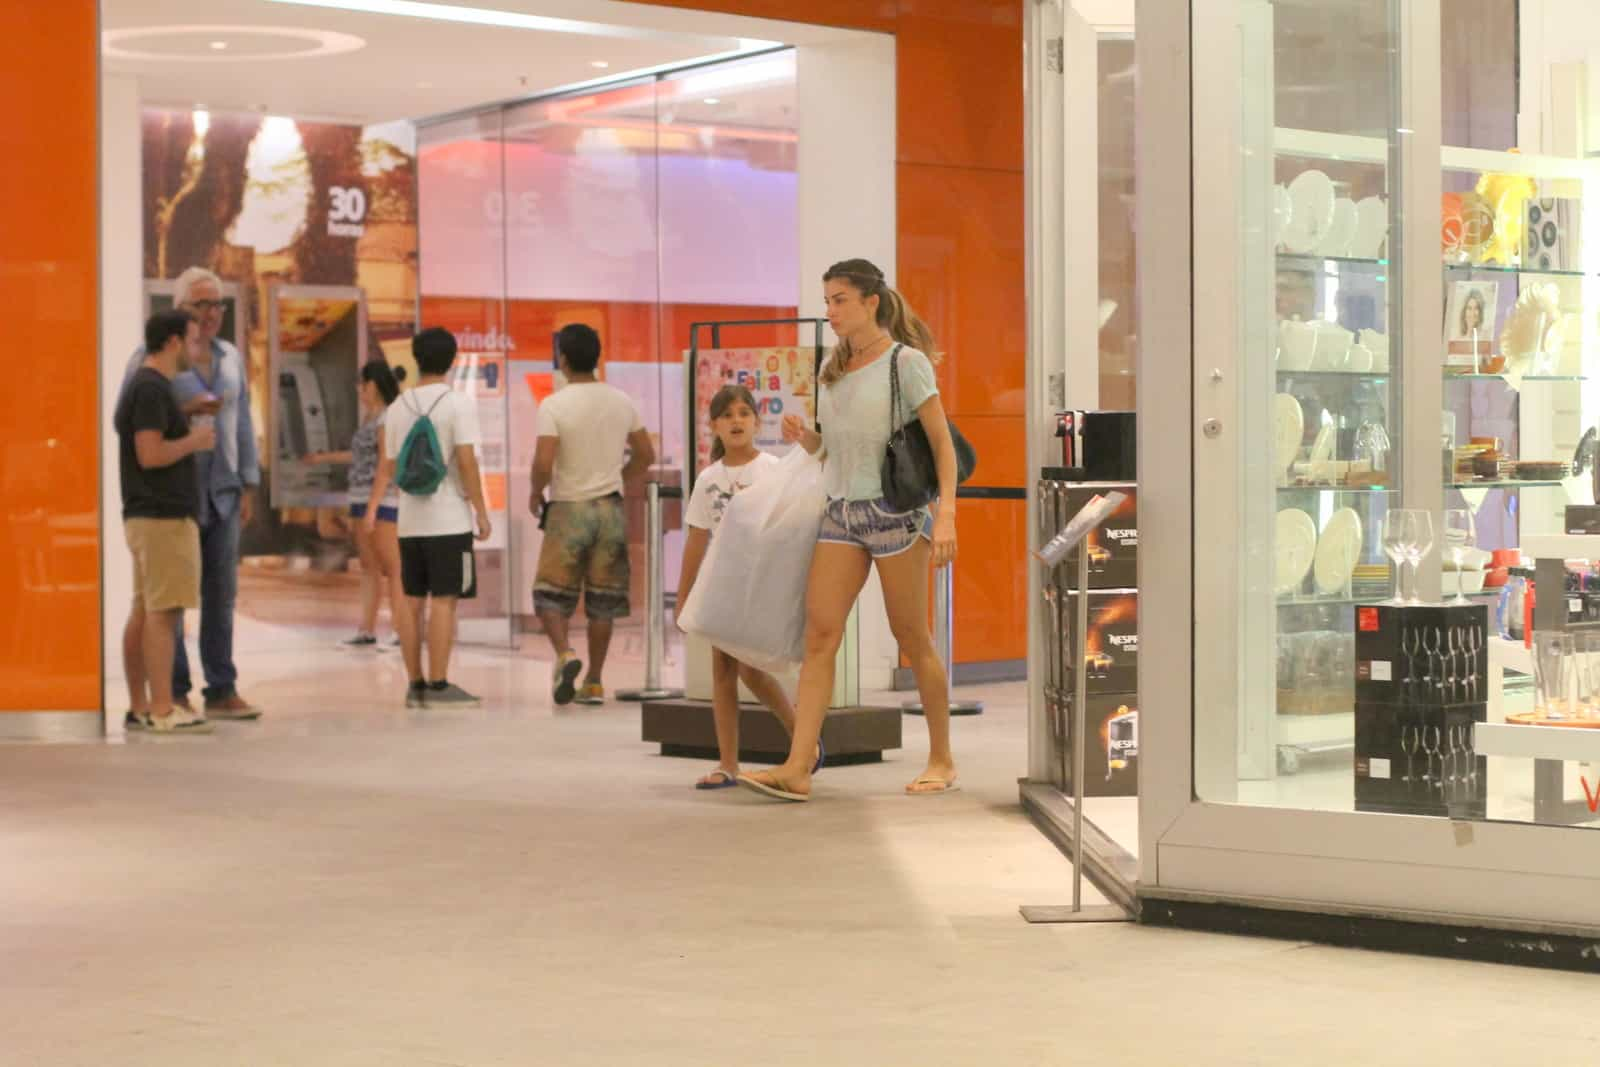 Grazi aproveita folga com a filha em shopping no Rio